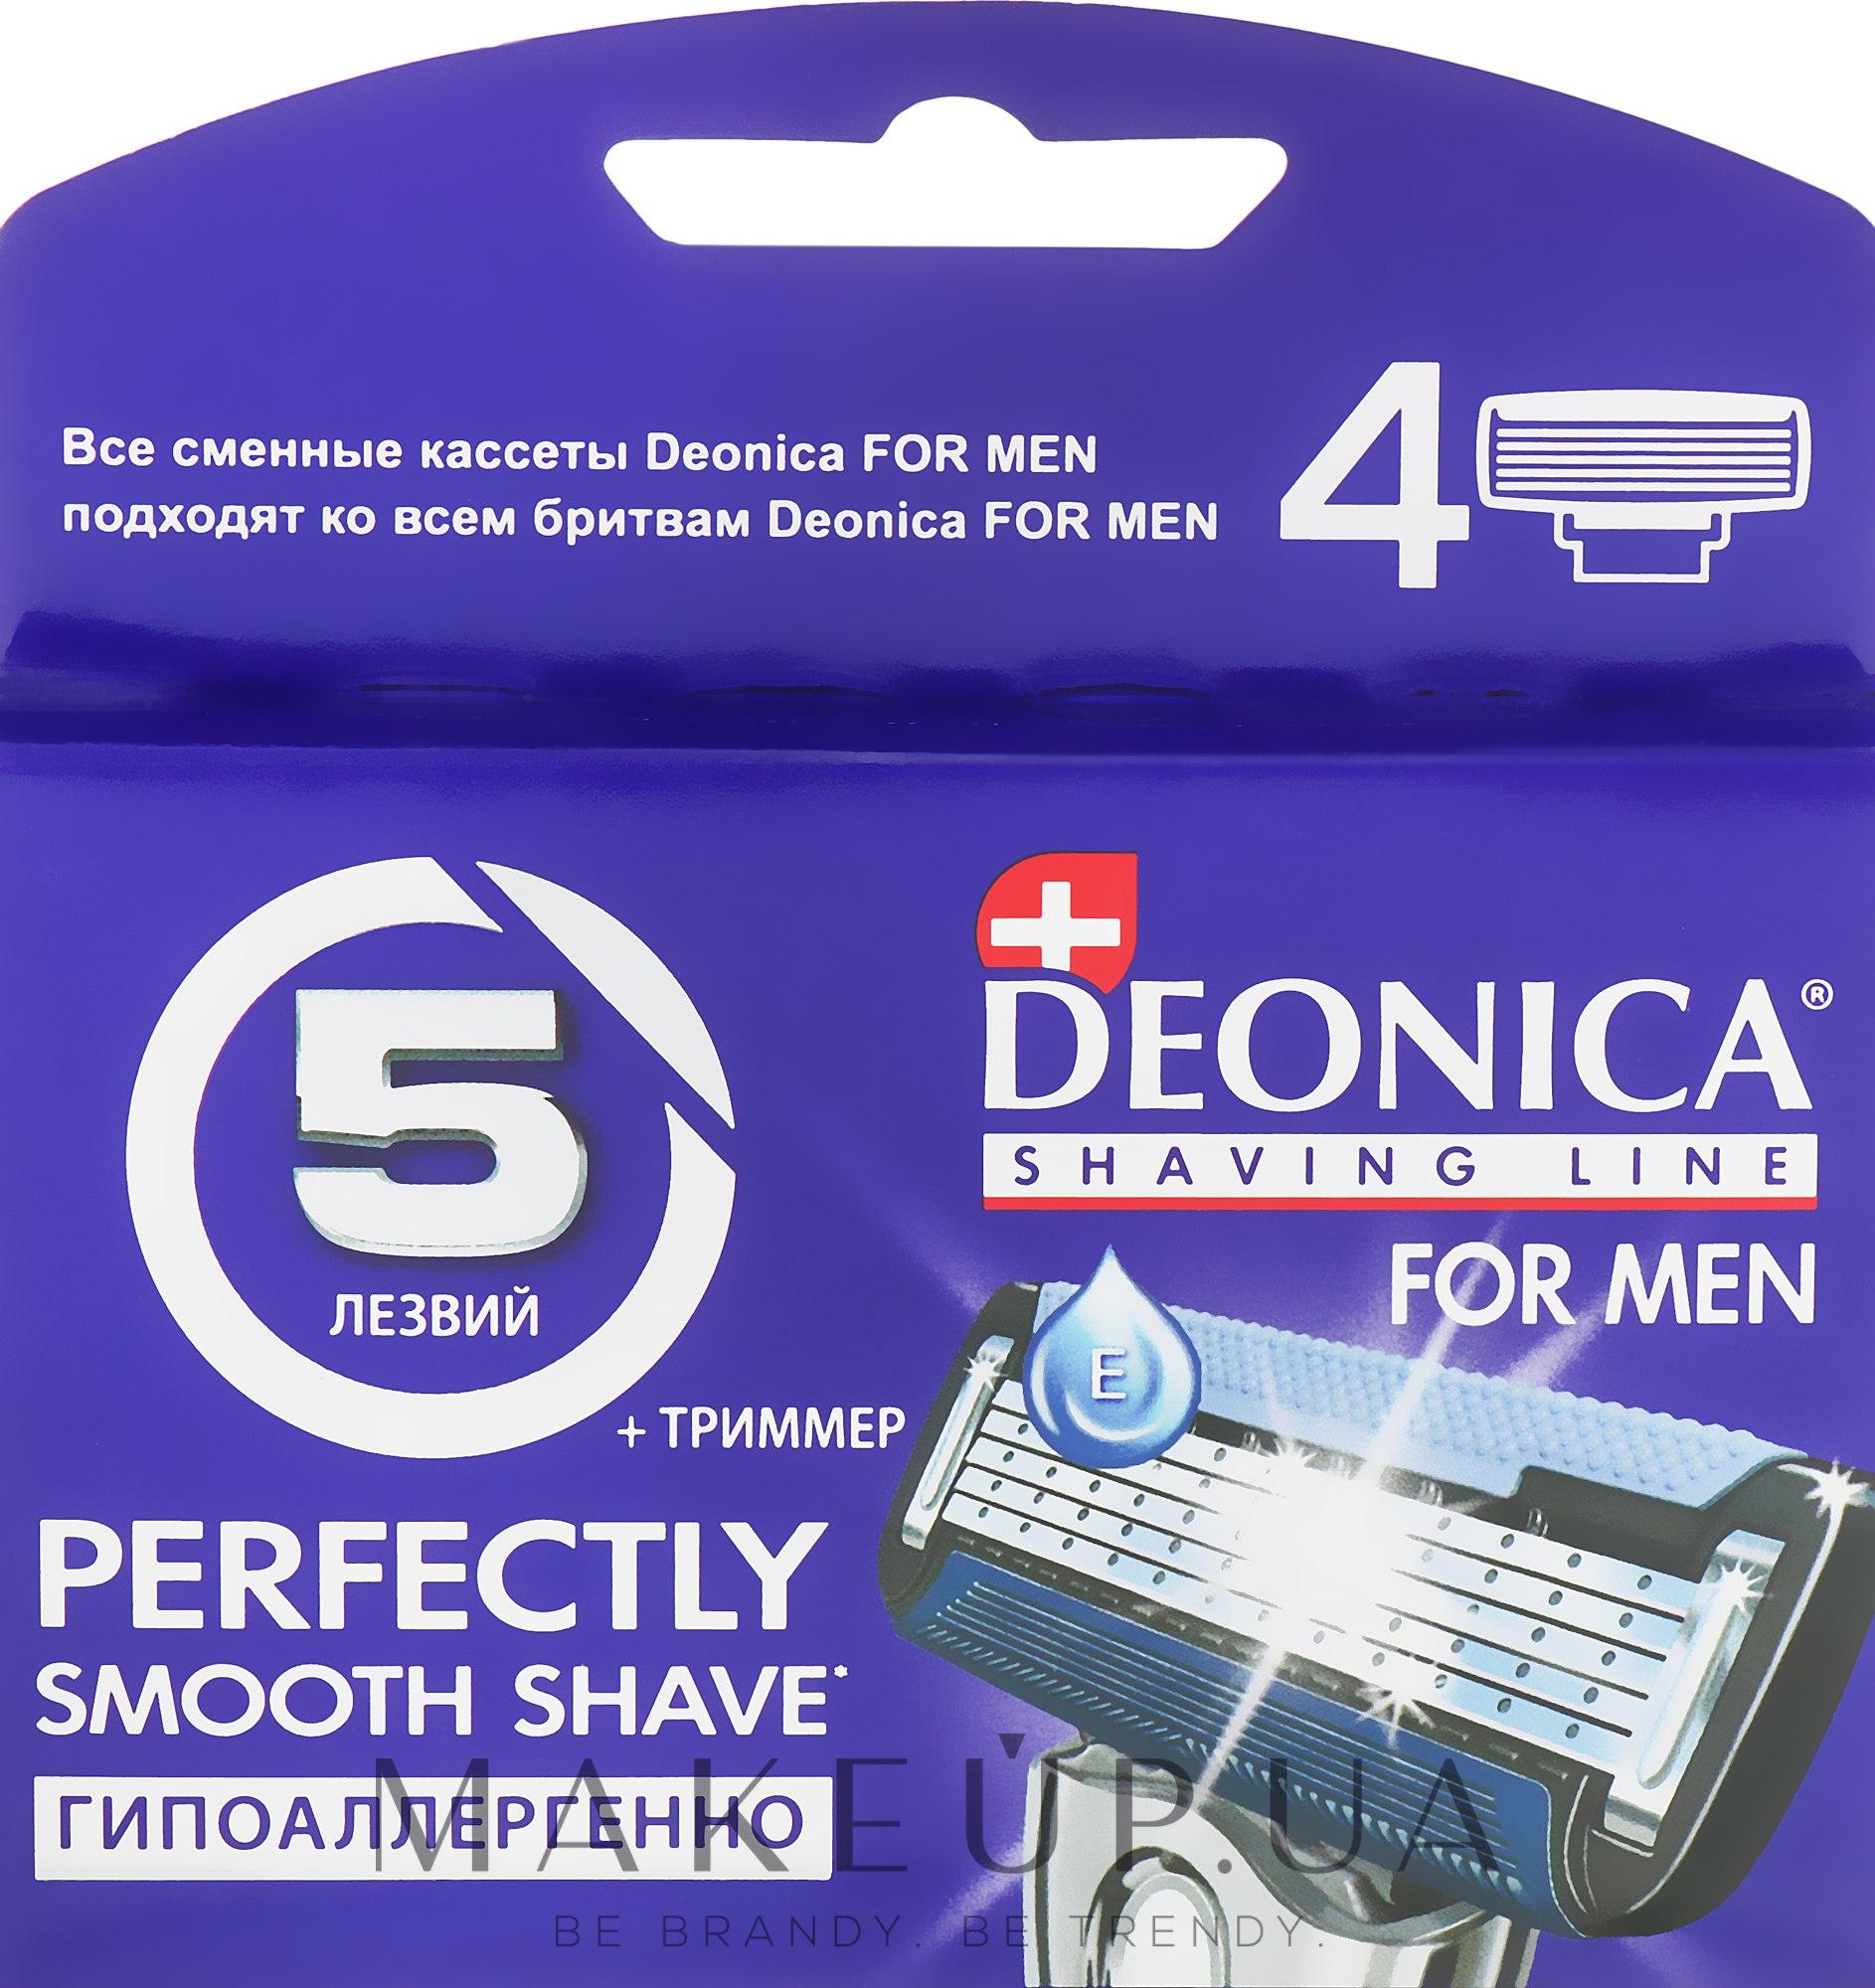 Сменные кассеты для бритья, 5 лезвий, 4 шт. - Deonica For Men — фото 4шт